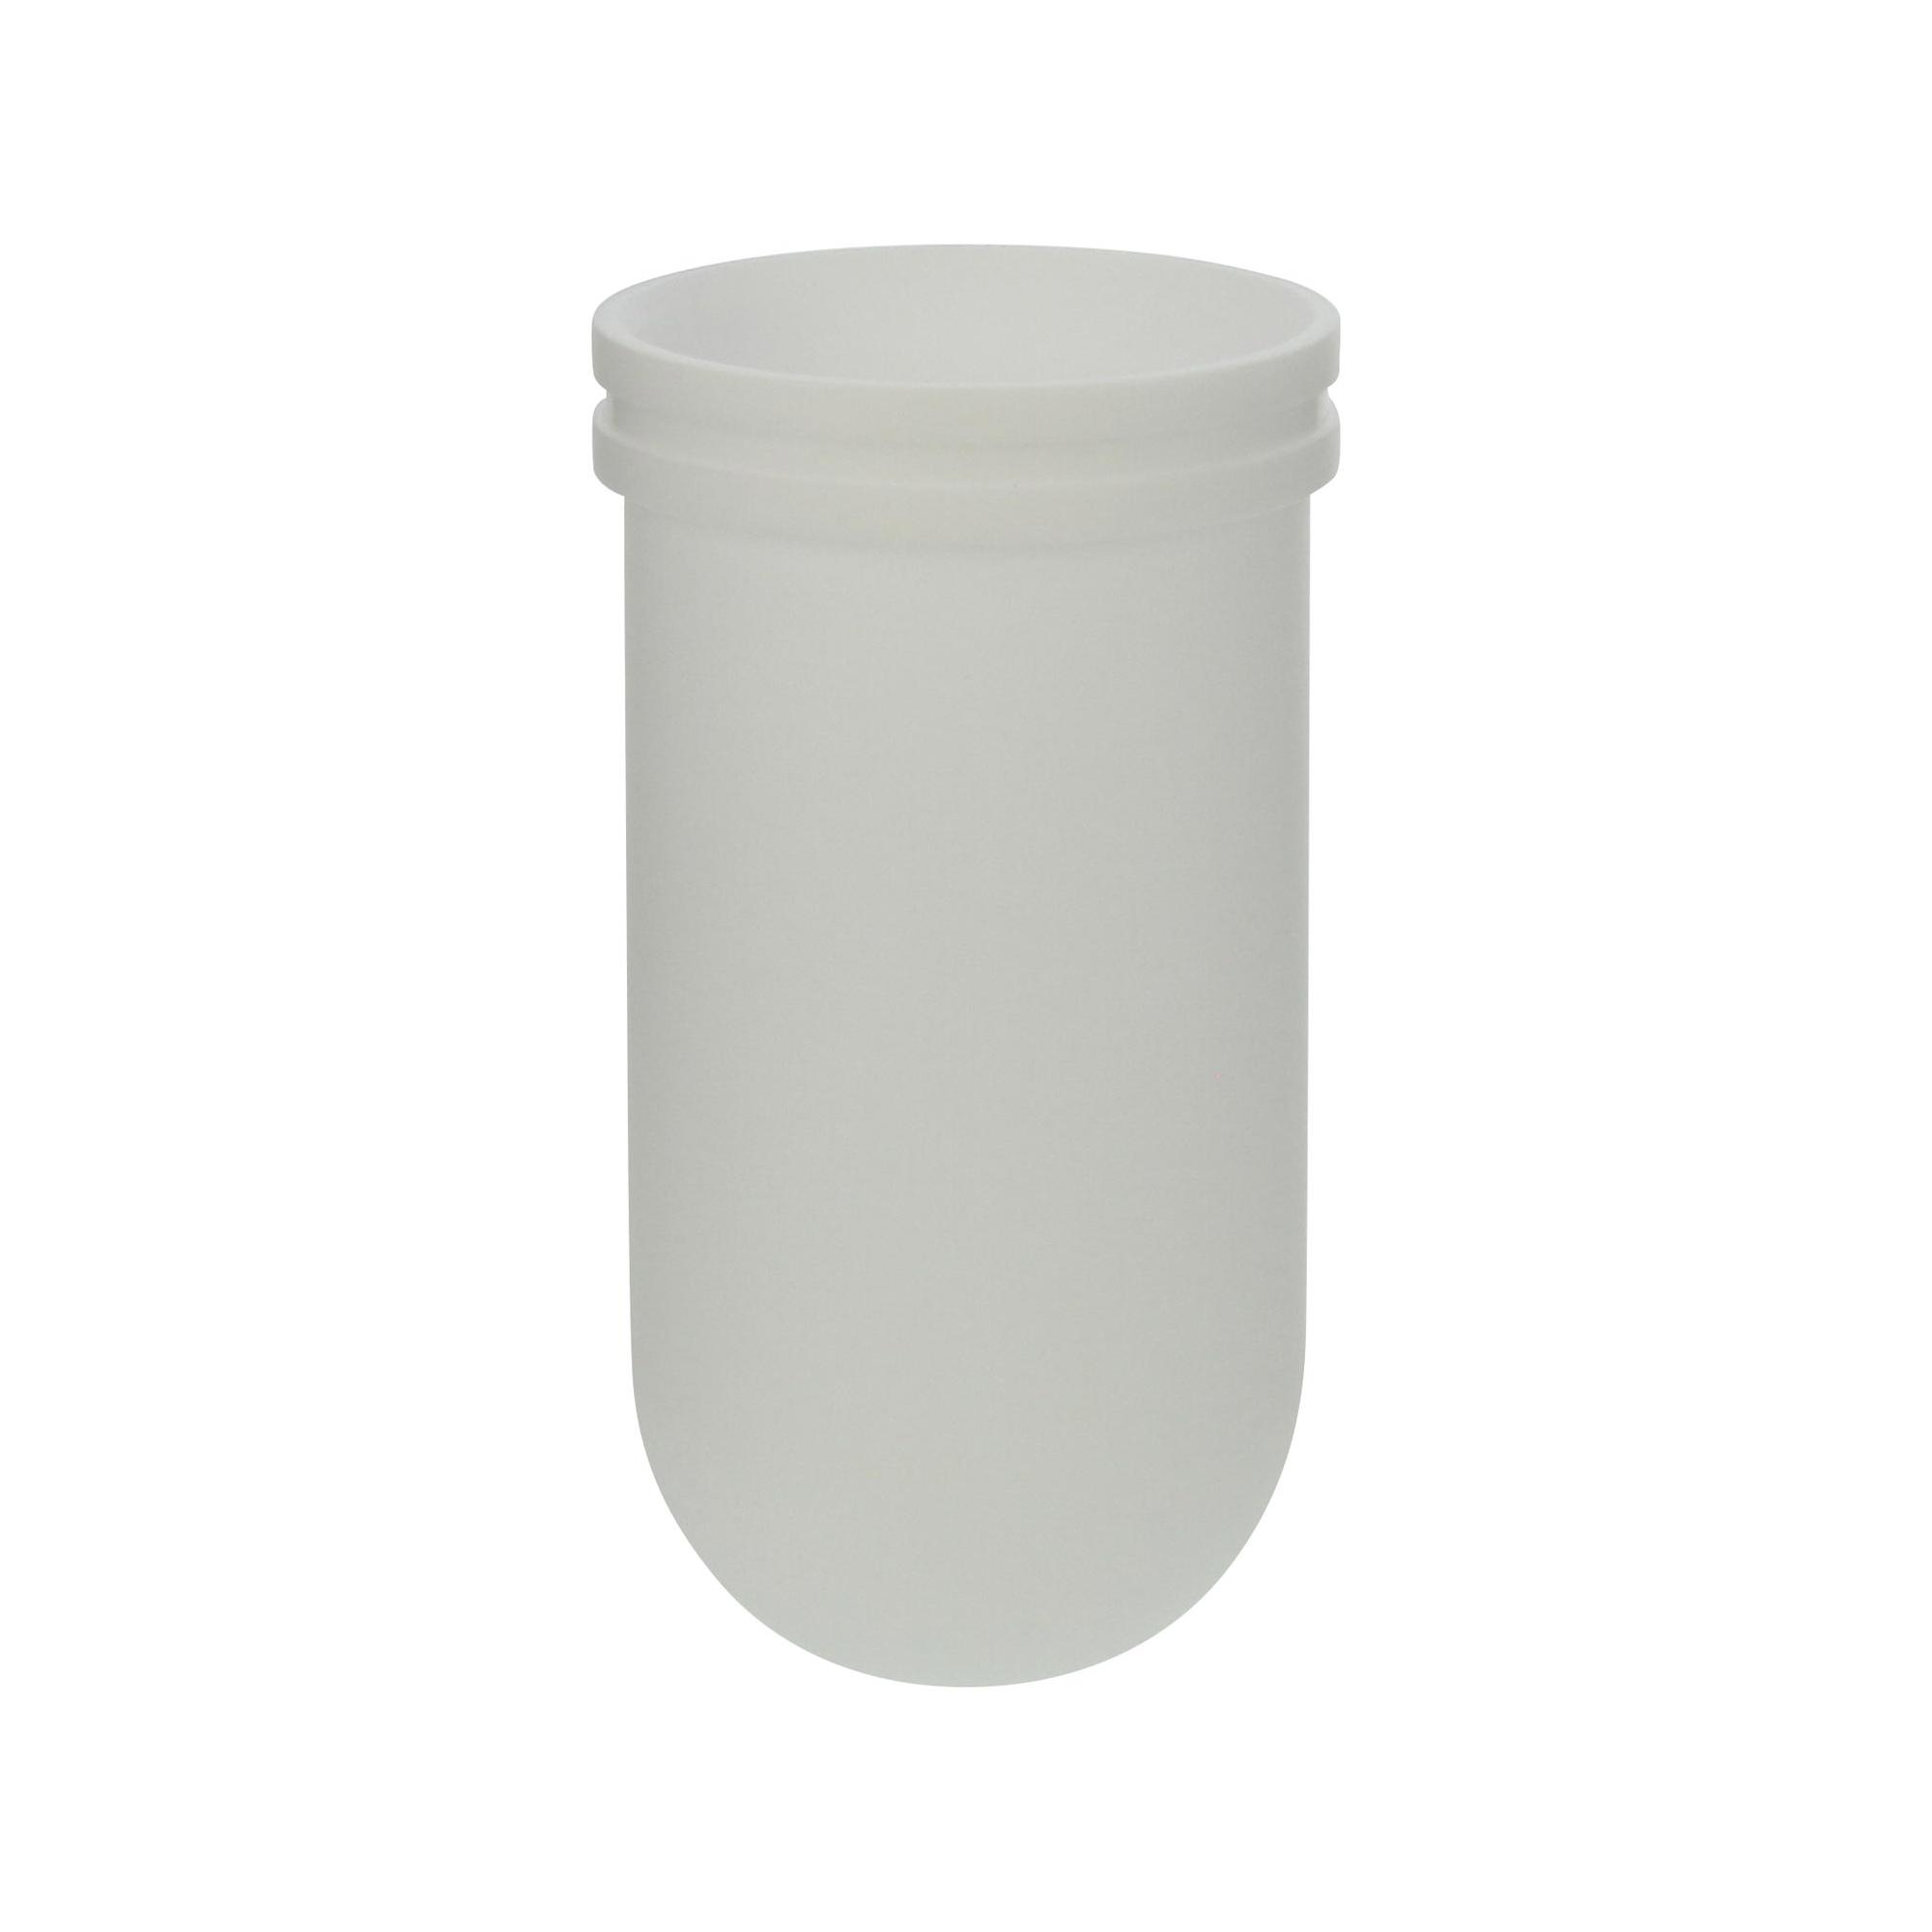 合成·反应装置ケミスト广场CPP -共2220用PTFE内筒容器120毫升|柴田科技有限公司-环境检测设备、科学仪器的制造销售